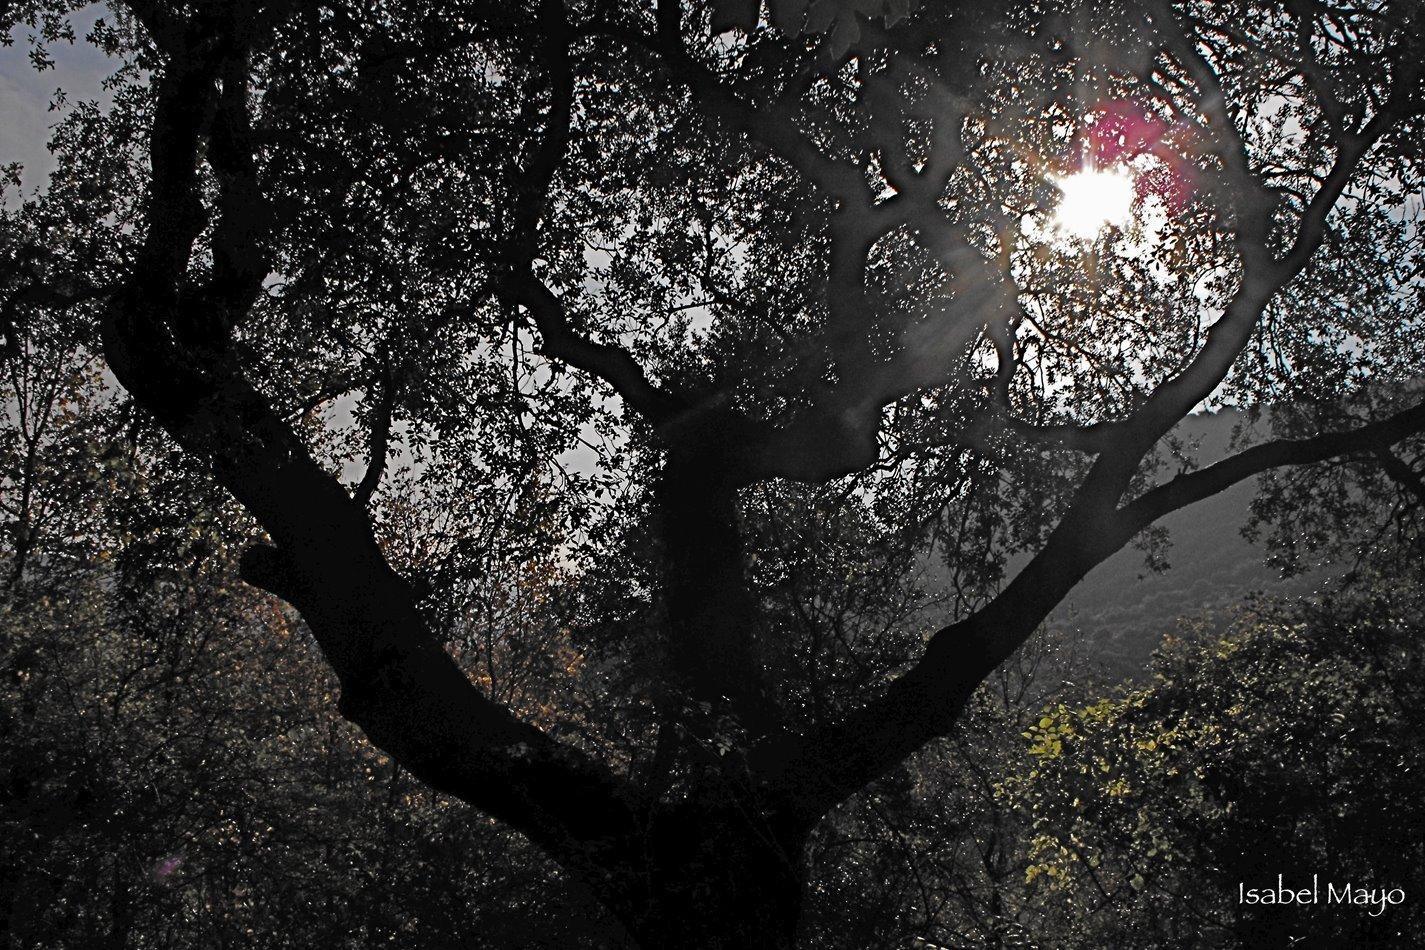 [El+árbol+oscuro]